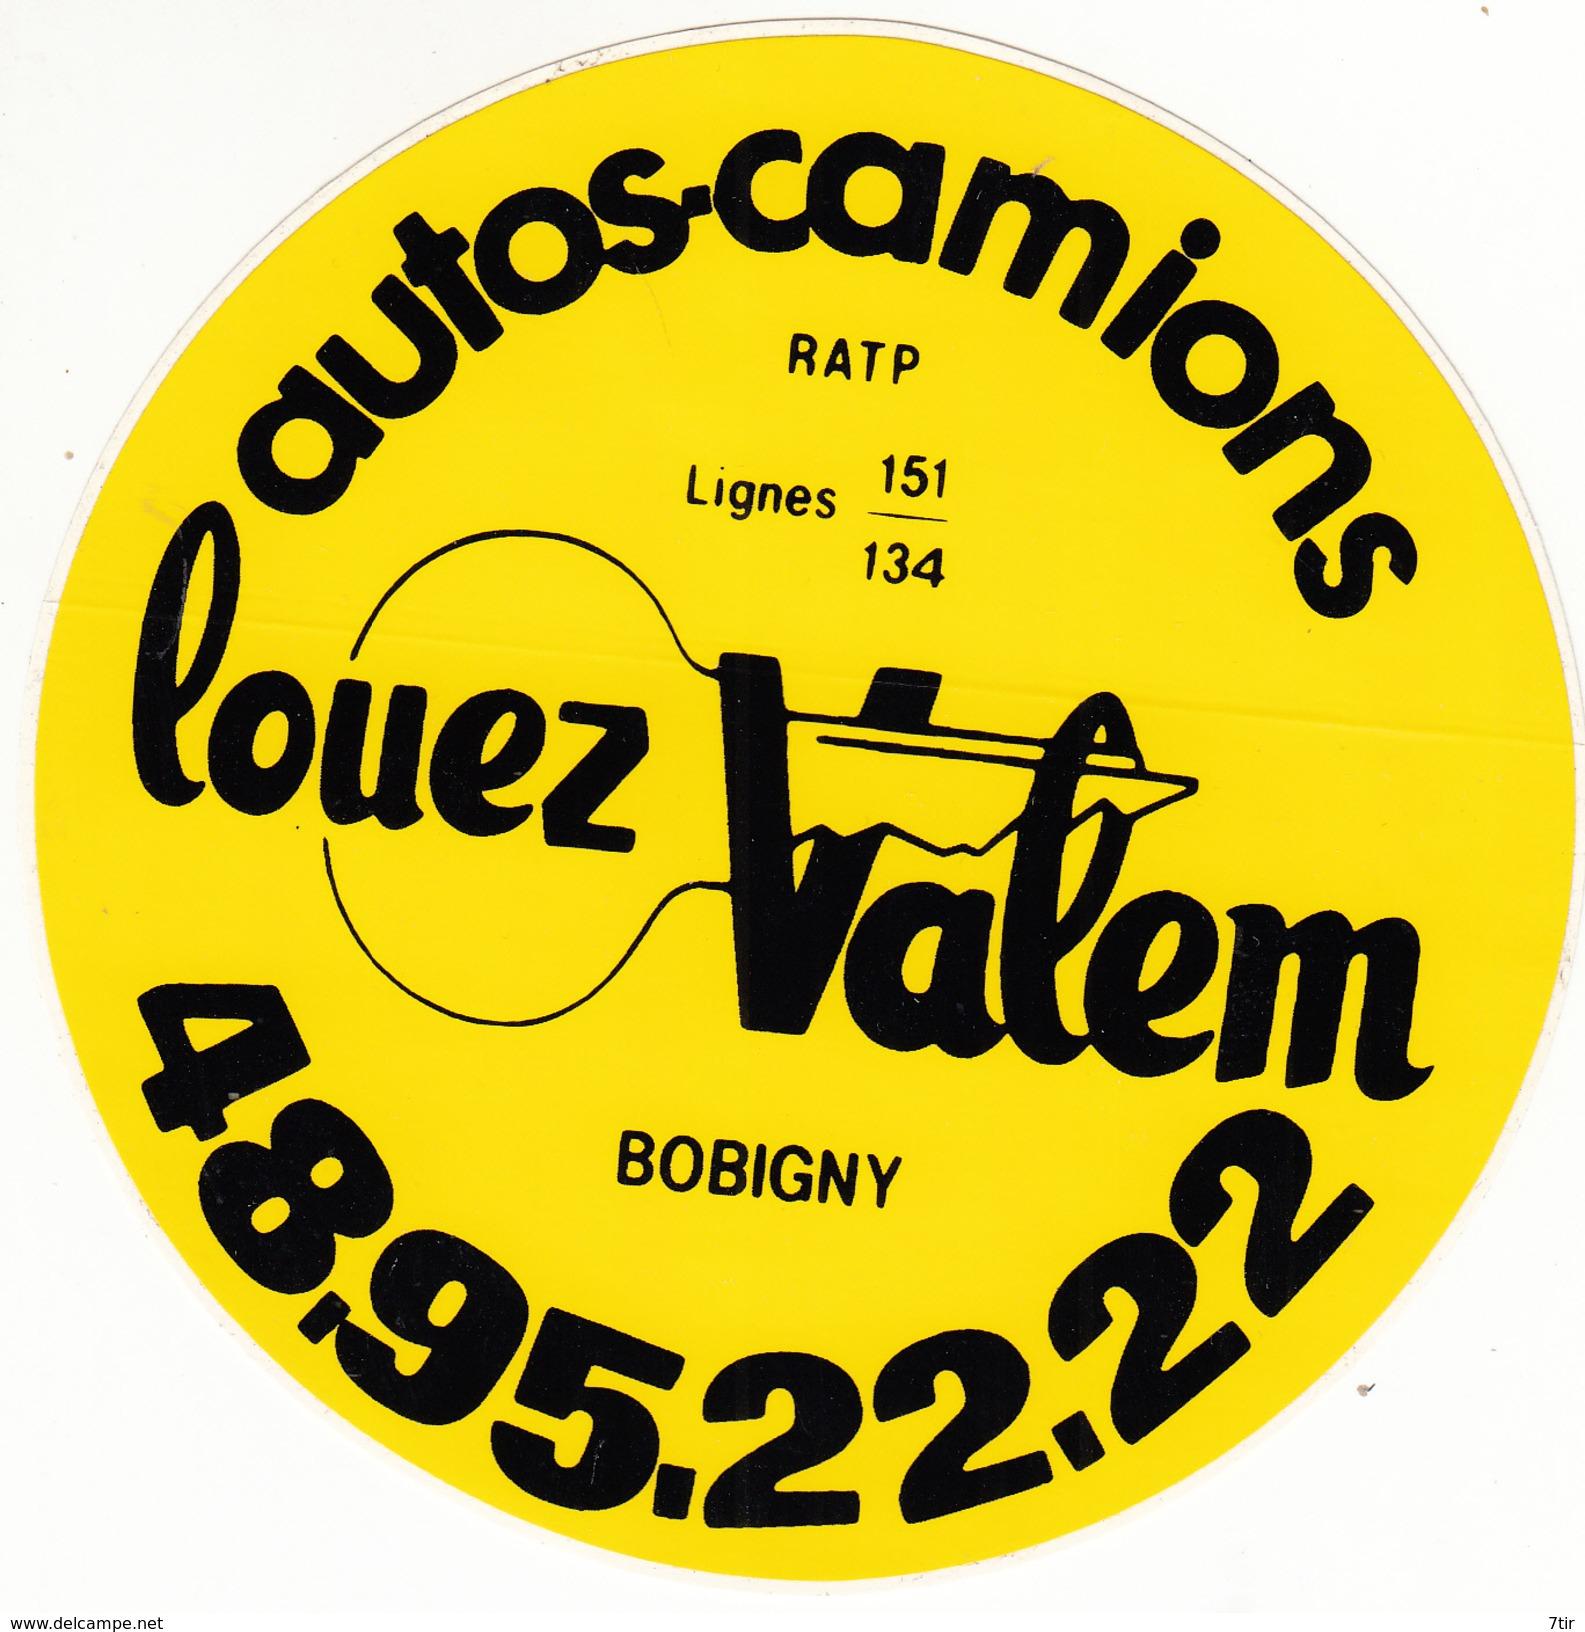 PARIS BASTILLE LOUEZ VALEM AUTOCOLANT - Autocollants